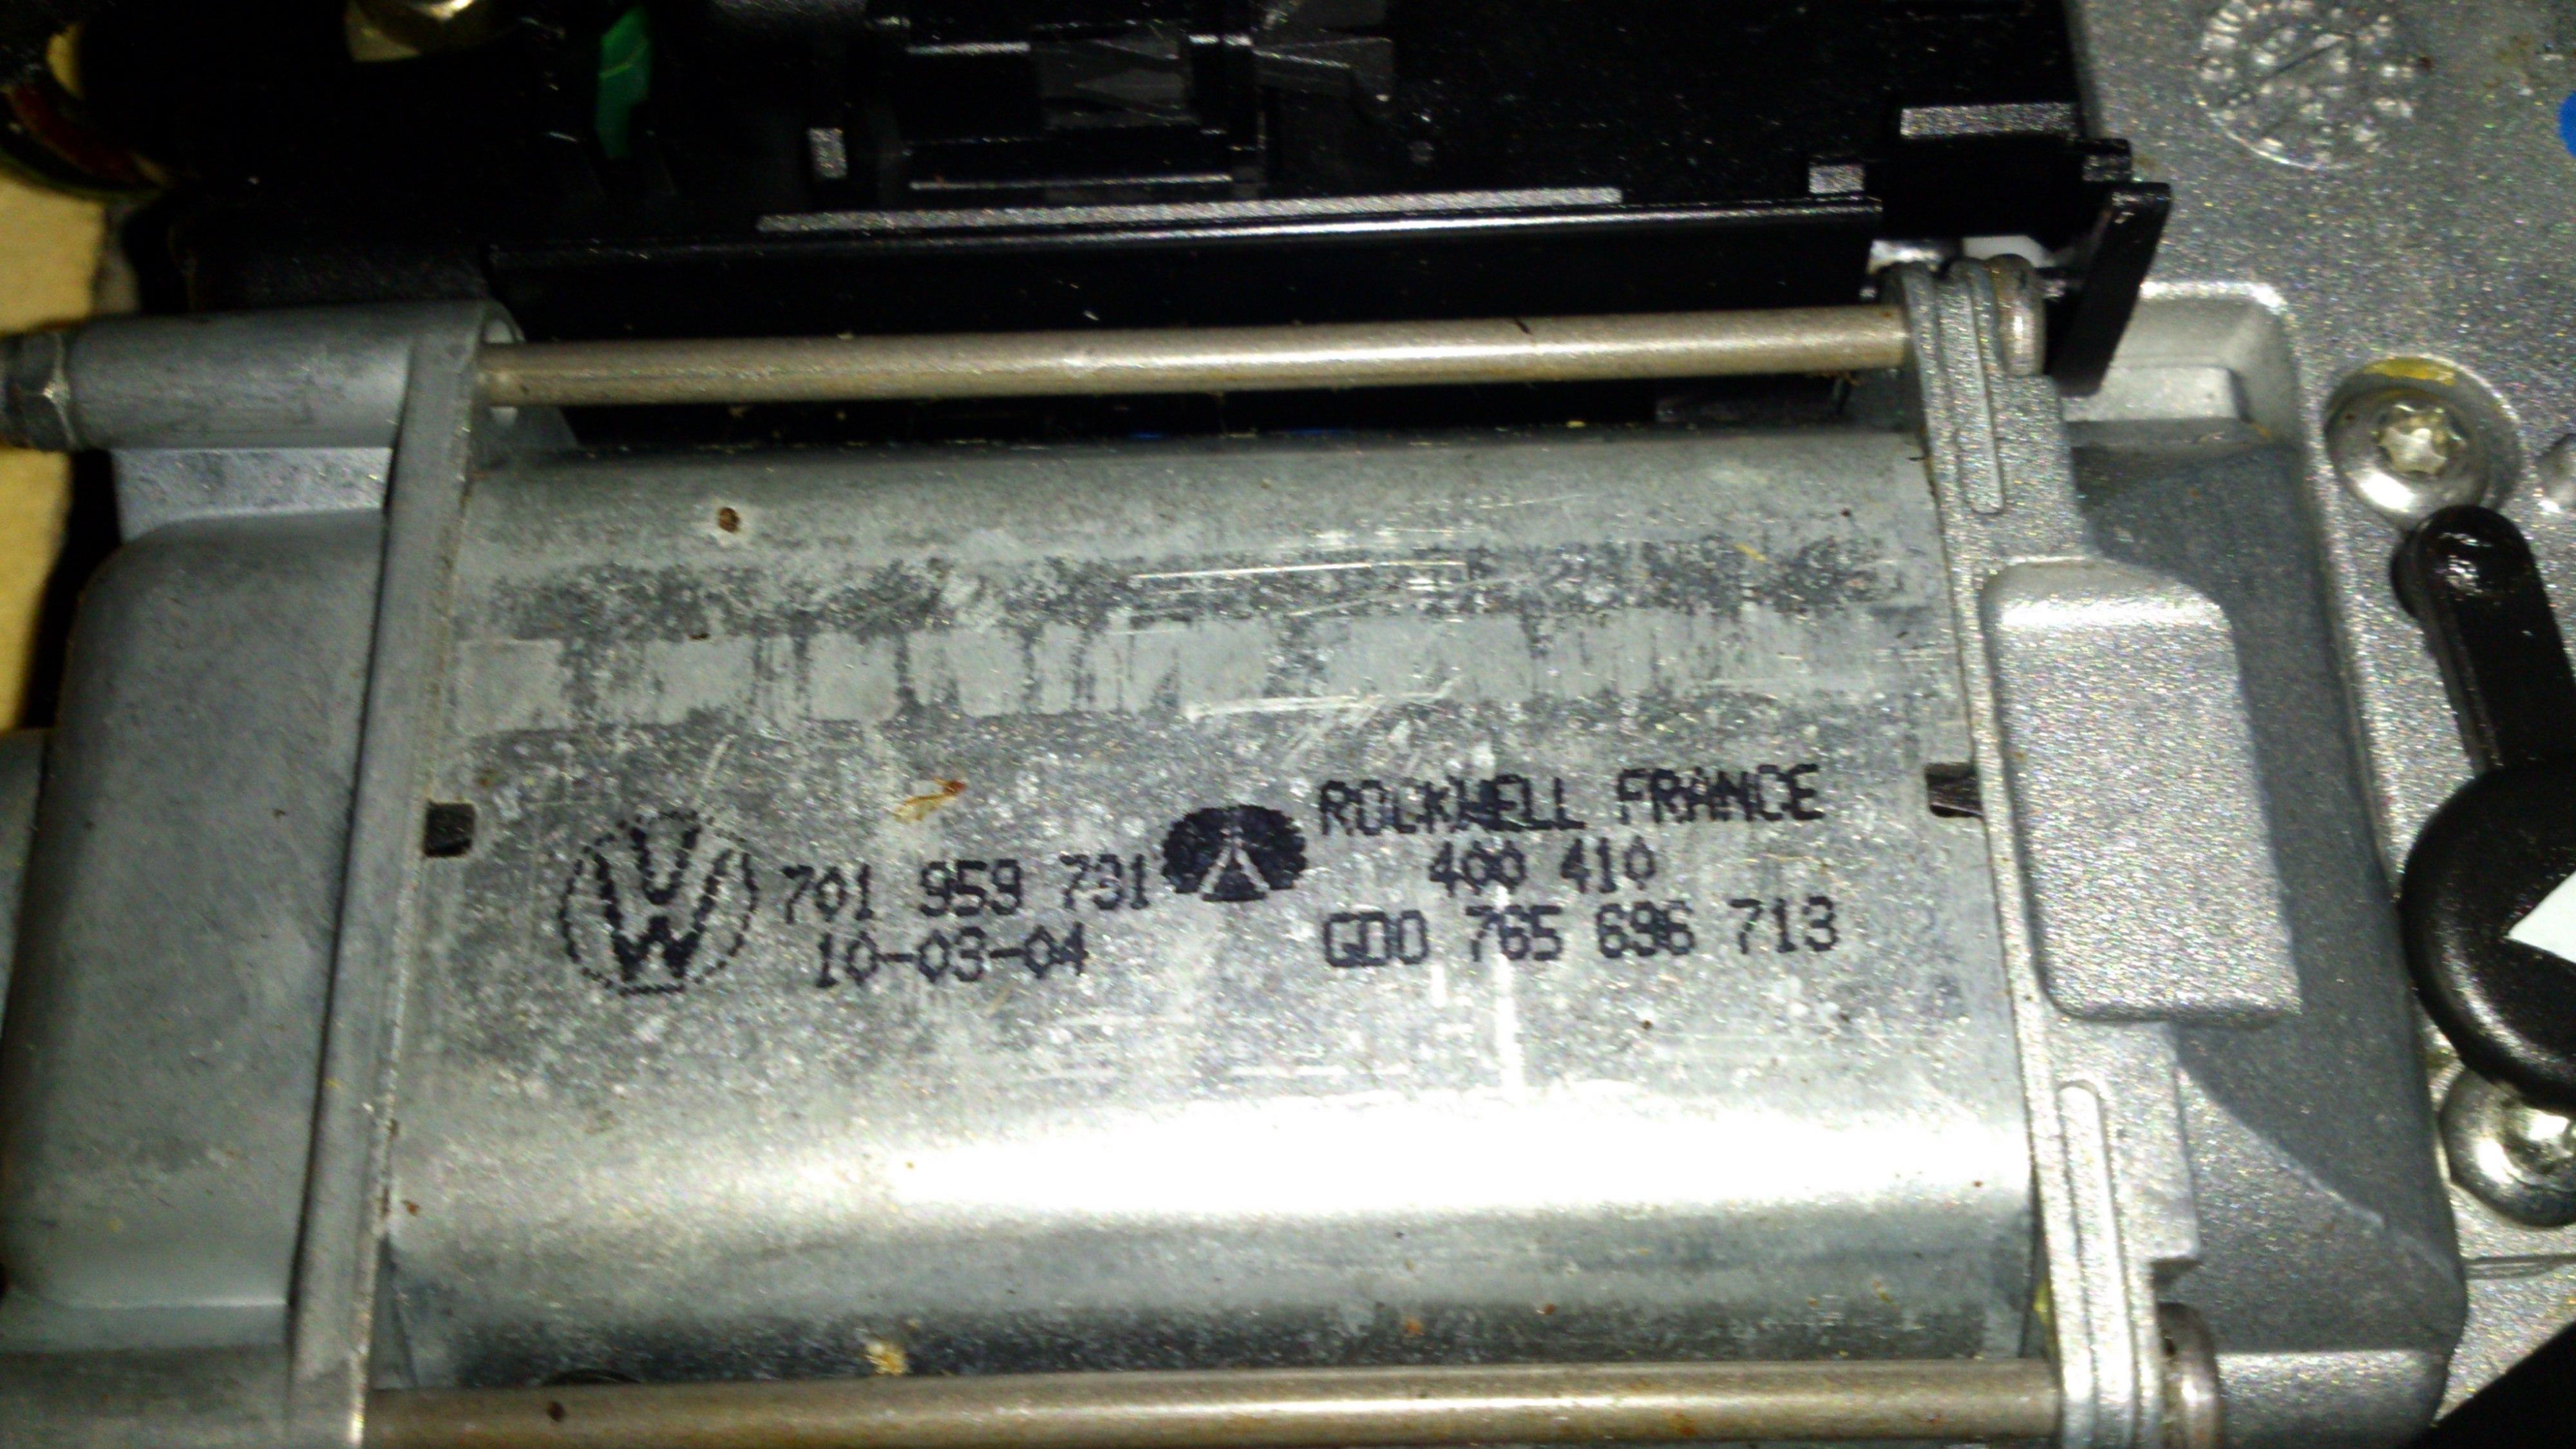 Schemat instalacji szyberdachu VW T4 Multivan 94r. 2.5E Nie raguje